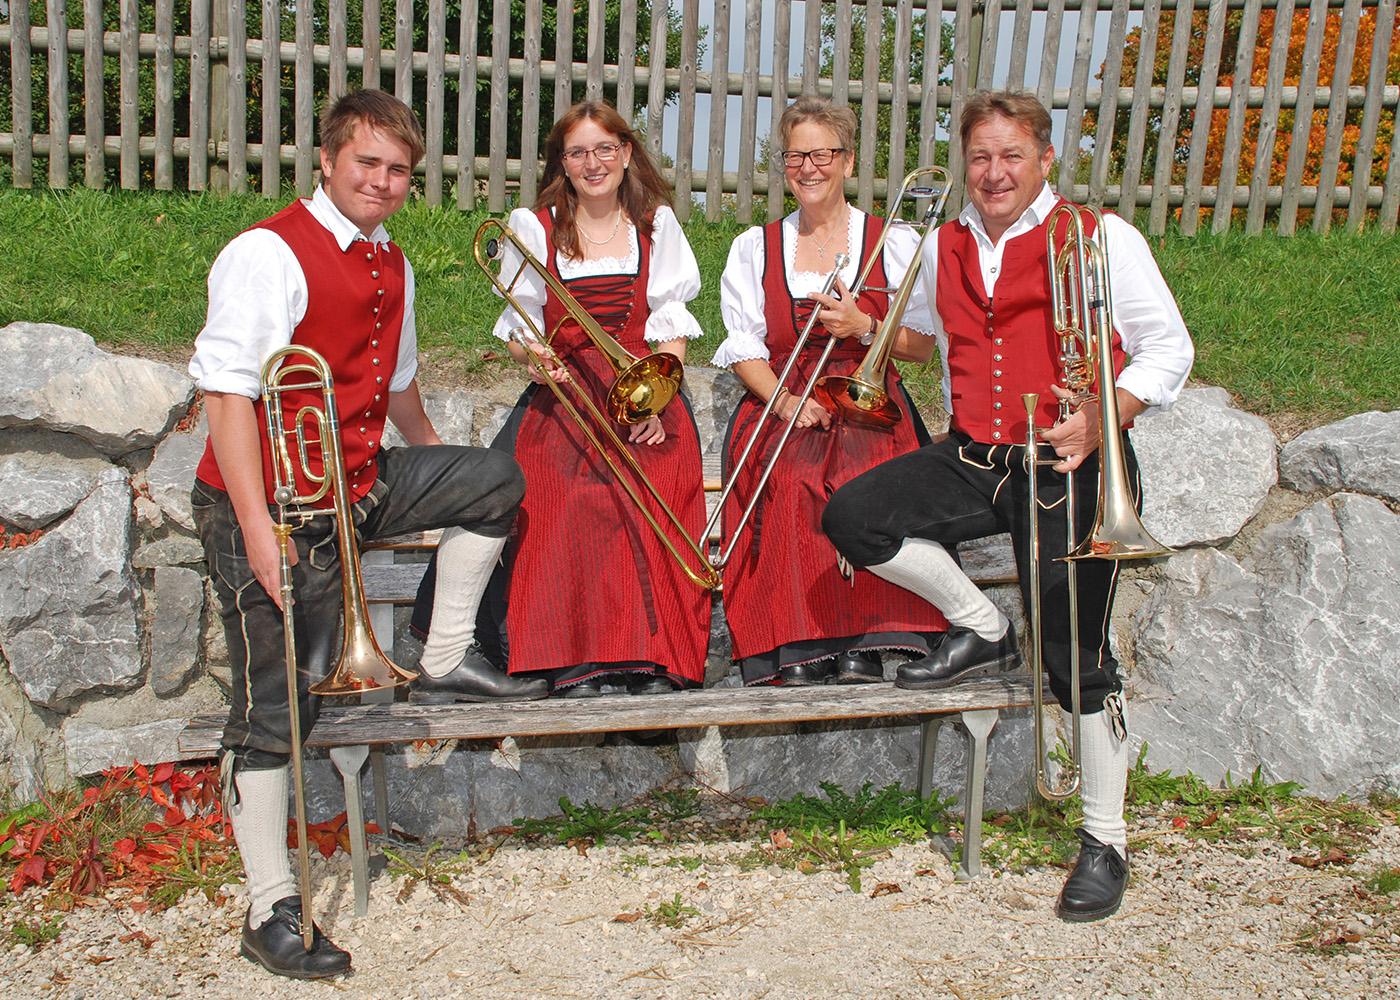 Musiker Posaune 1